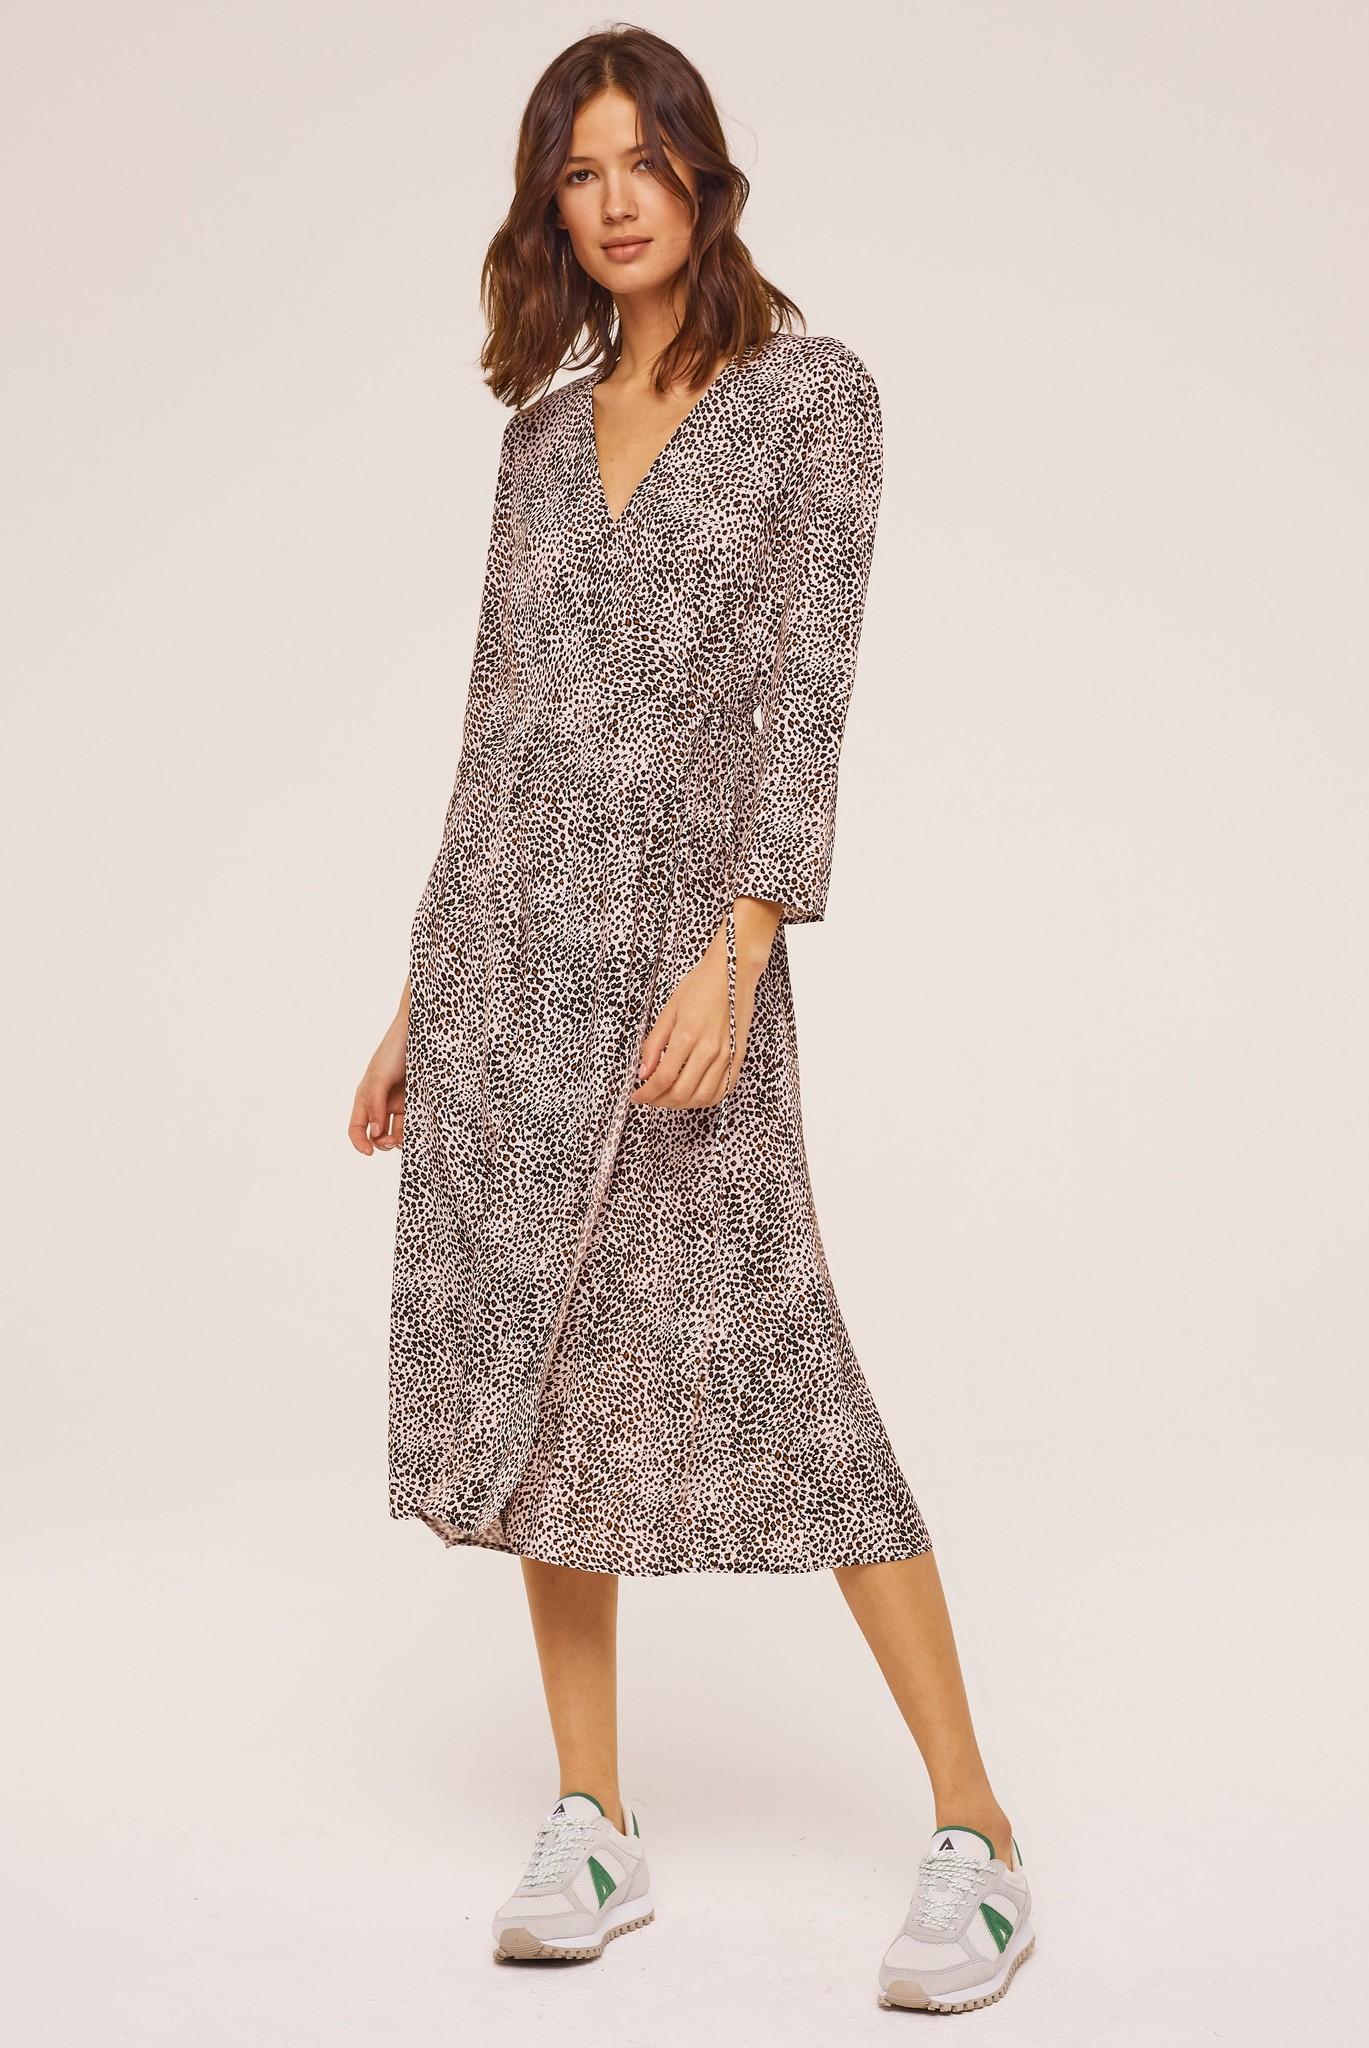 ROSINDA - Длинное платье с леопардовым принтом